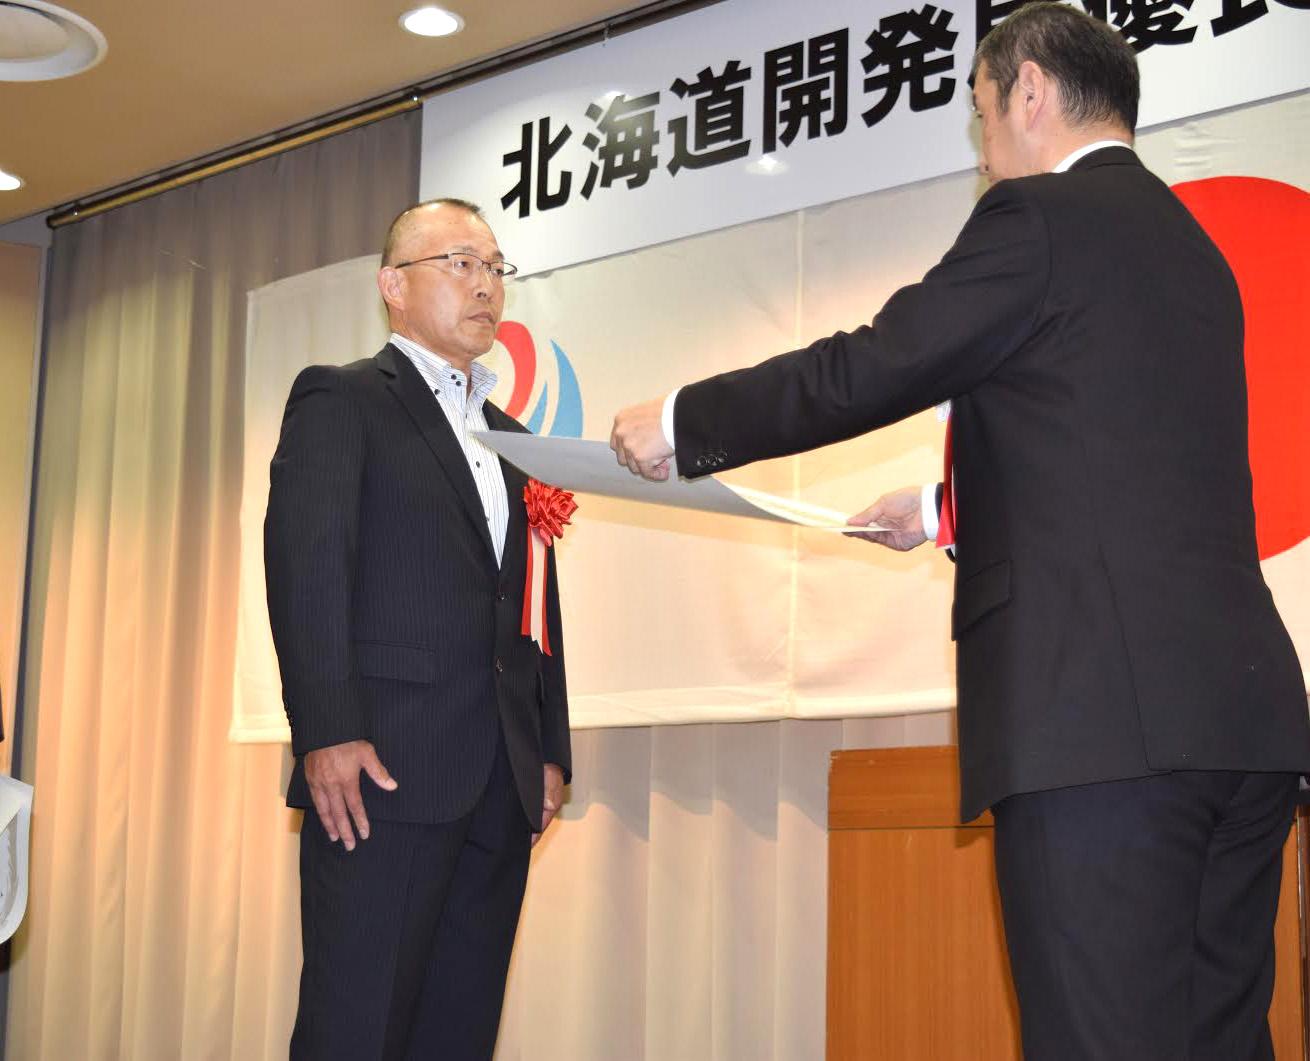 北海道開発局優良工事等の表彰式